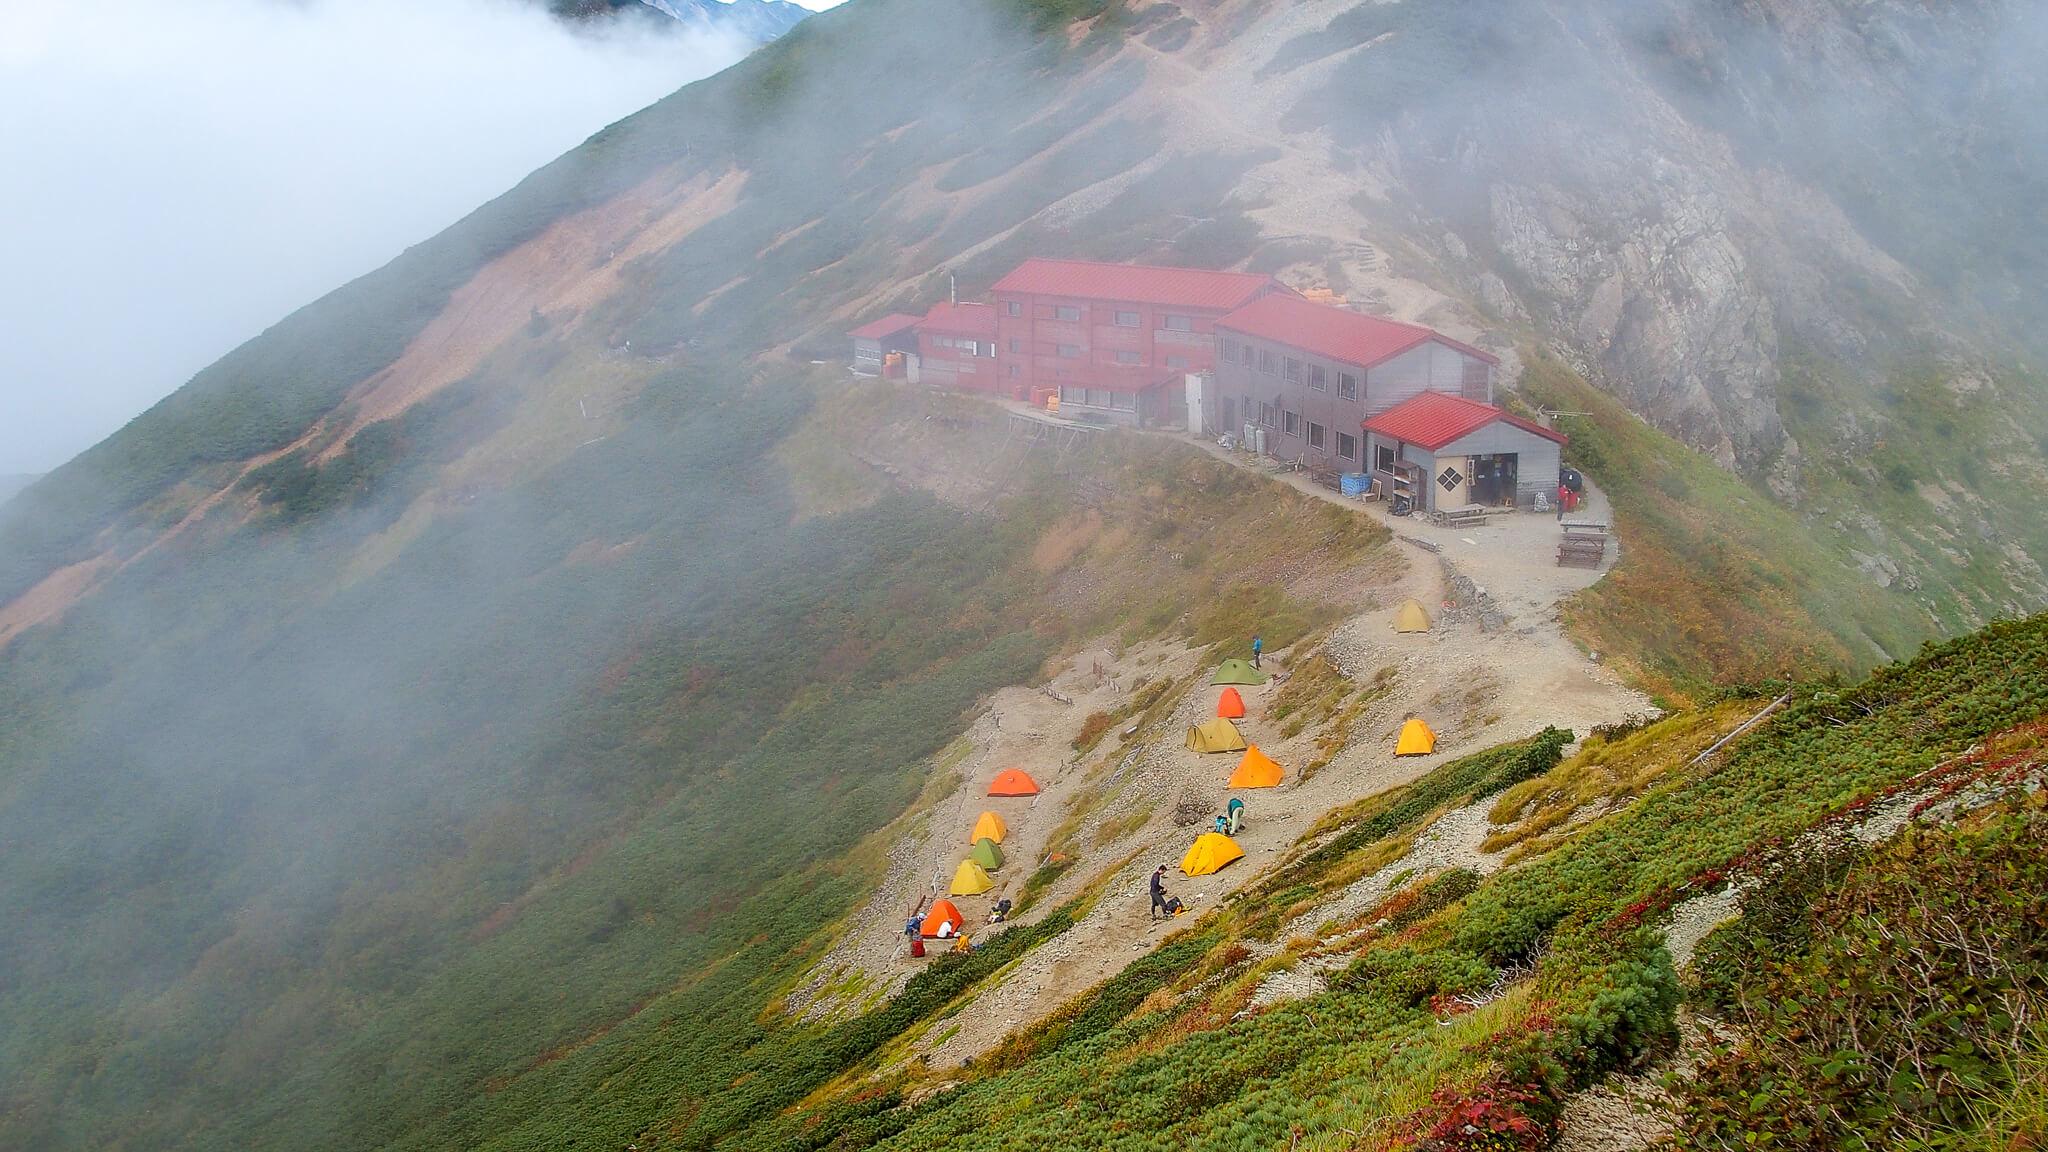 五竜岳山頂から五竜山荘へ4・五竜山荘が見えた!